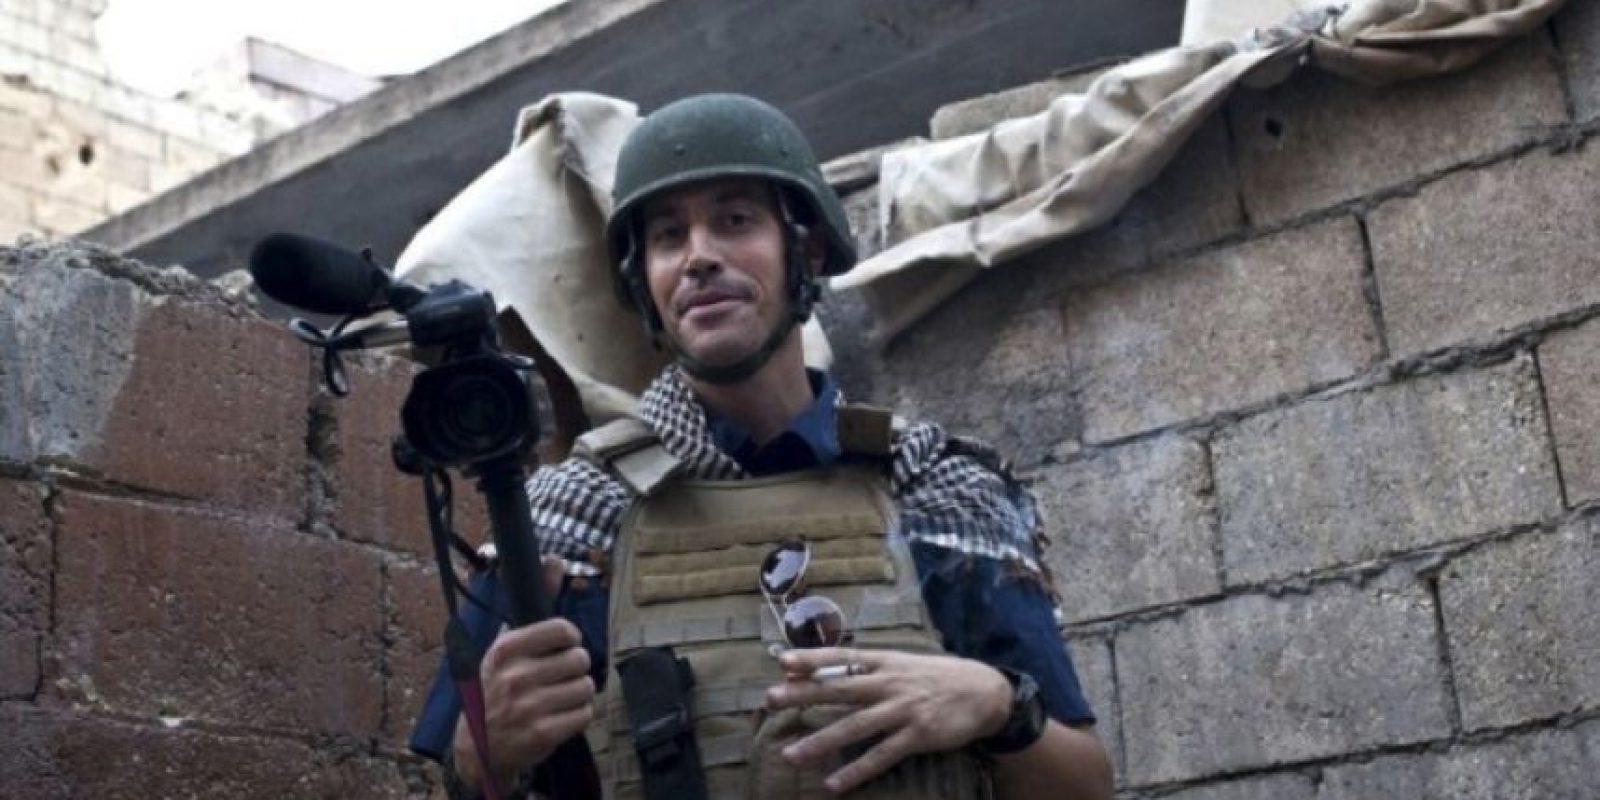 El periodistas fue decapitado en agosto del pasado año. Su ejecución fue la primera de la serie de asesinatos que ha realizado ISIS y que ha divulgado en videos. Foto:AFP